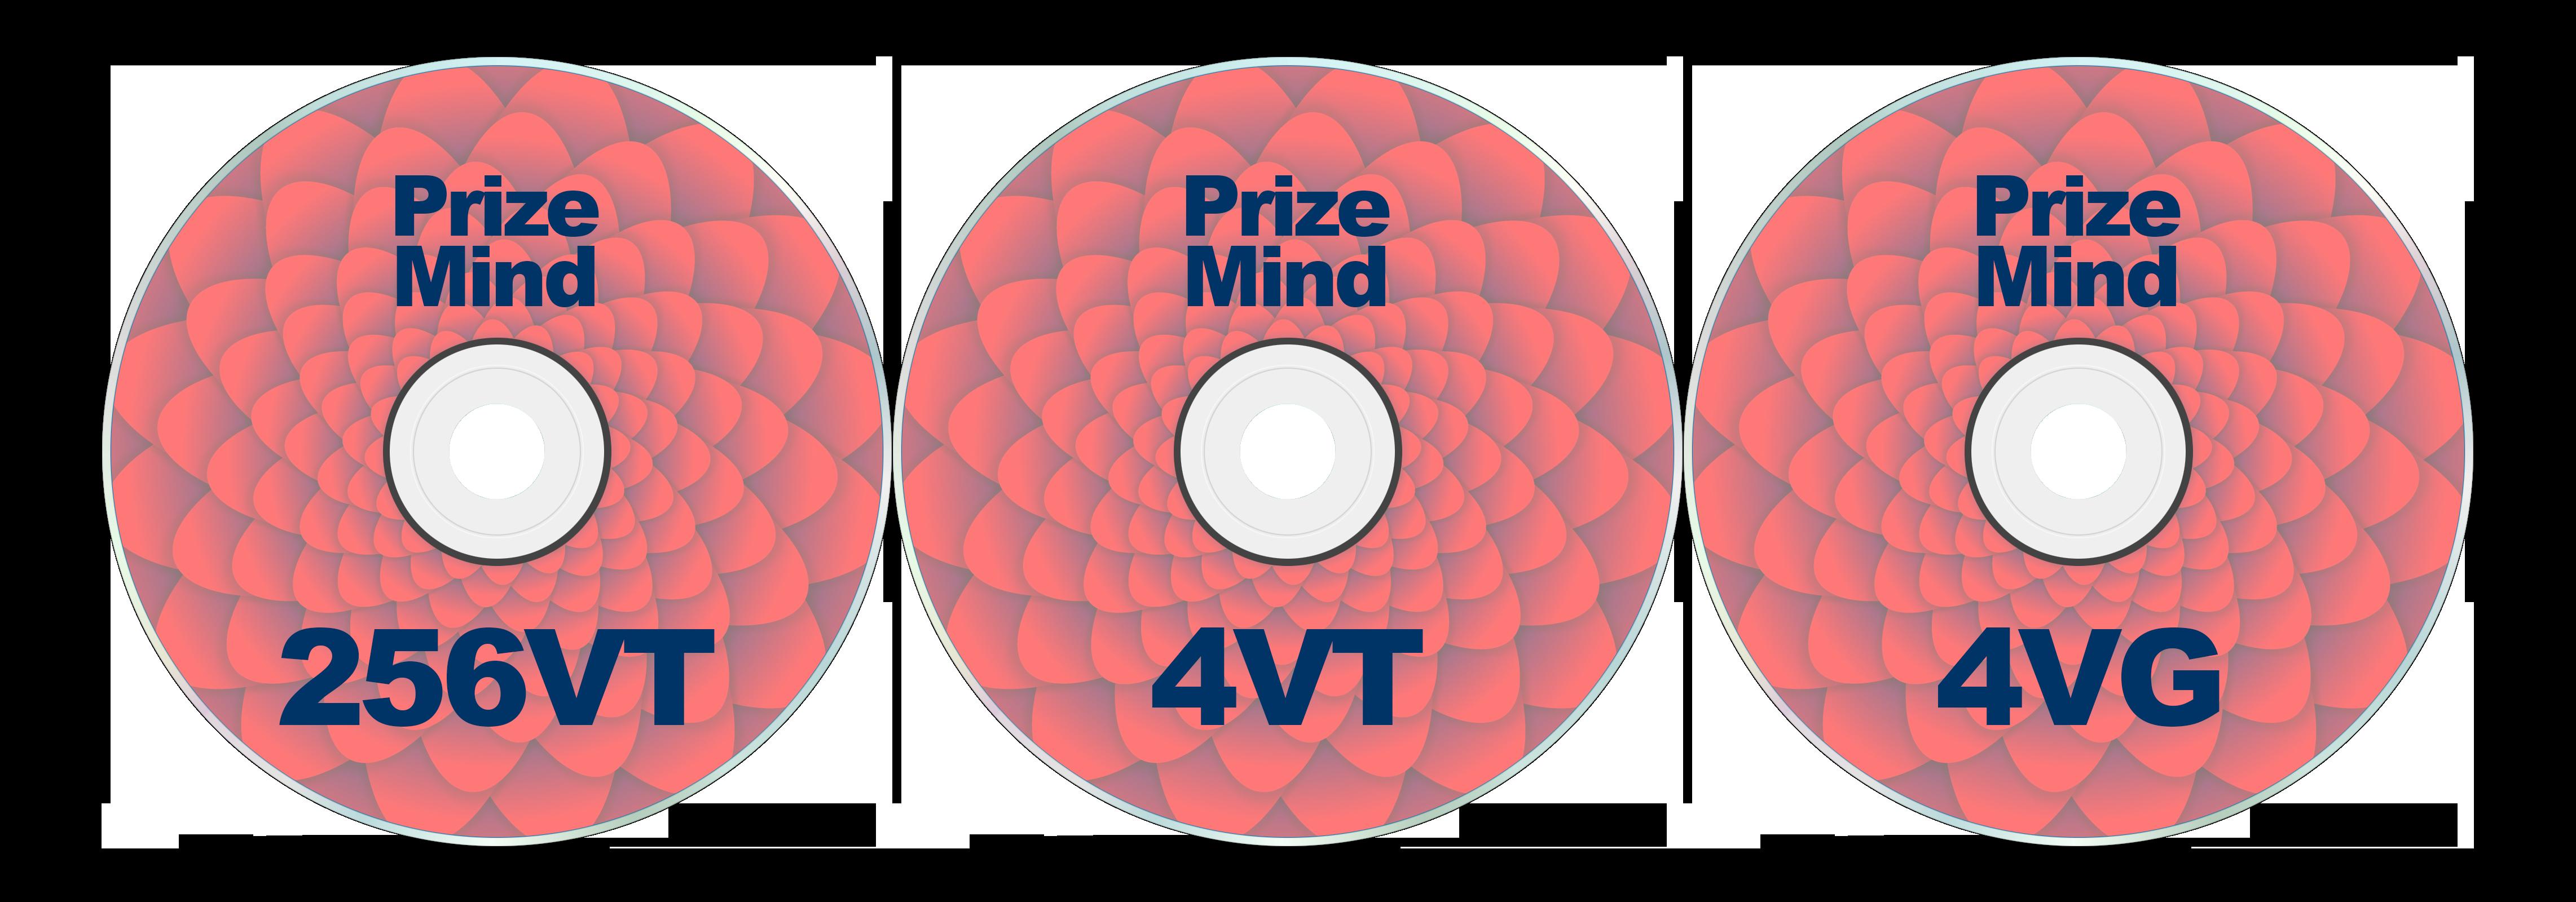 Prize Mind